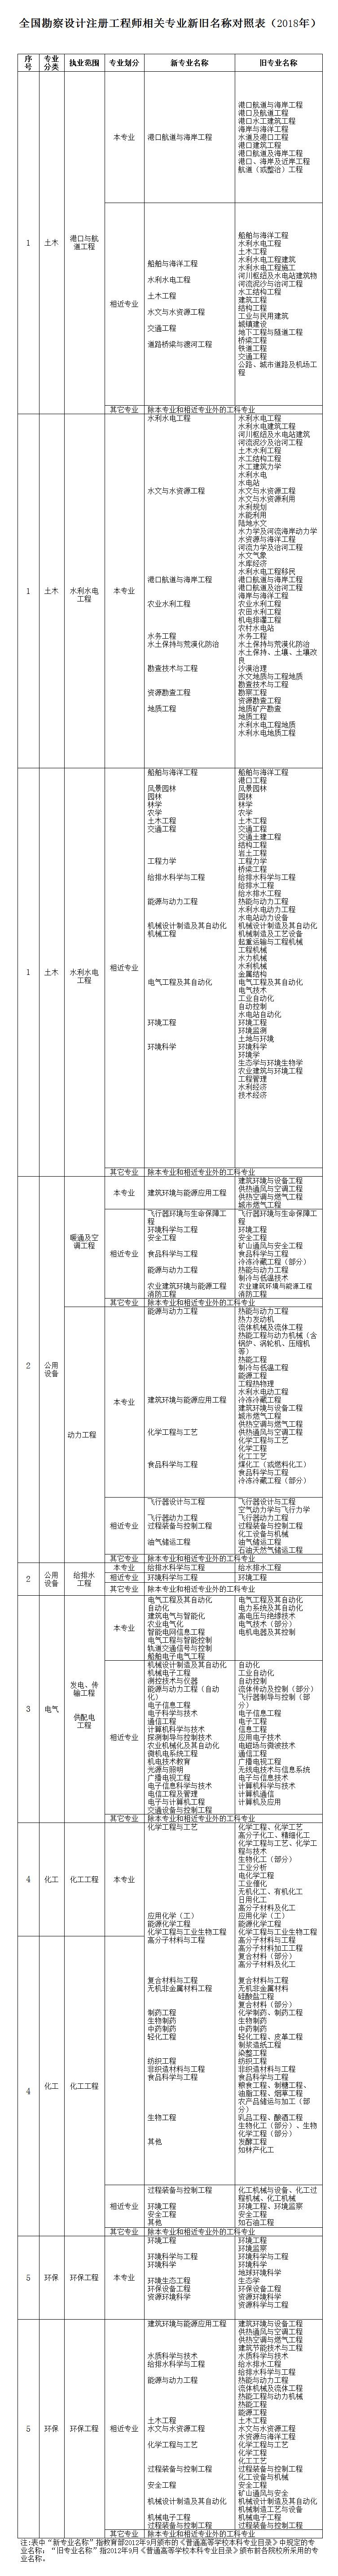 关于印发《水利水电工程师相关专业新旧名称对照表(2018)》的通知